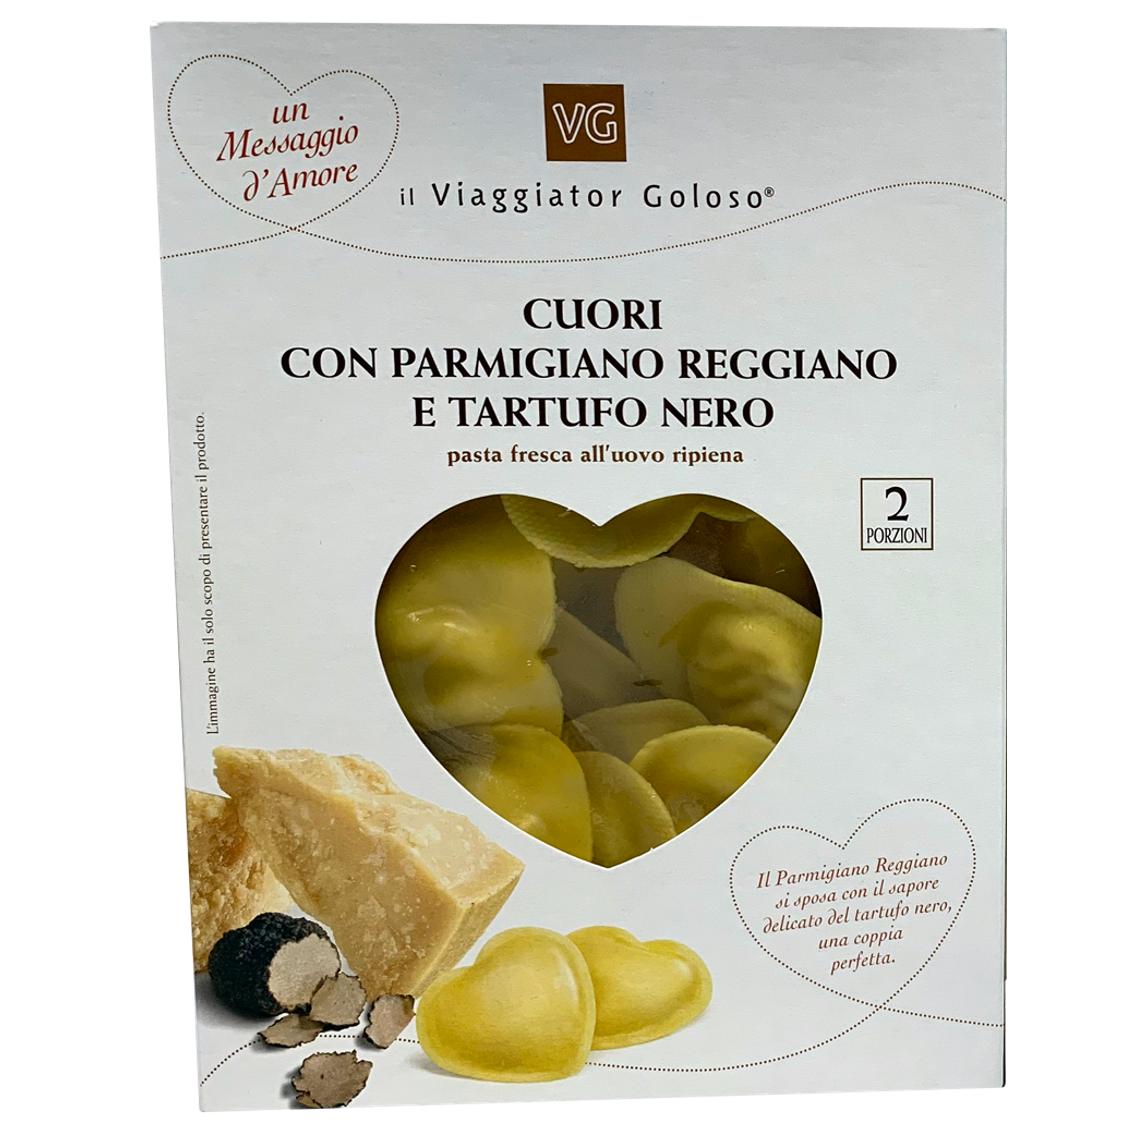 Cuori ripieni con parmigiano reggiano e tartufo nero